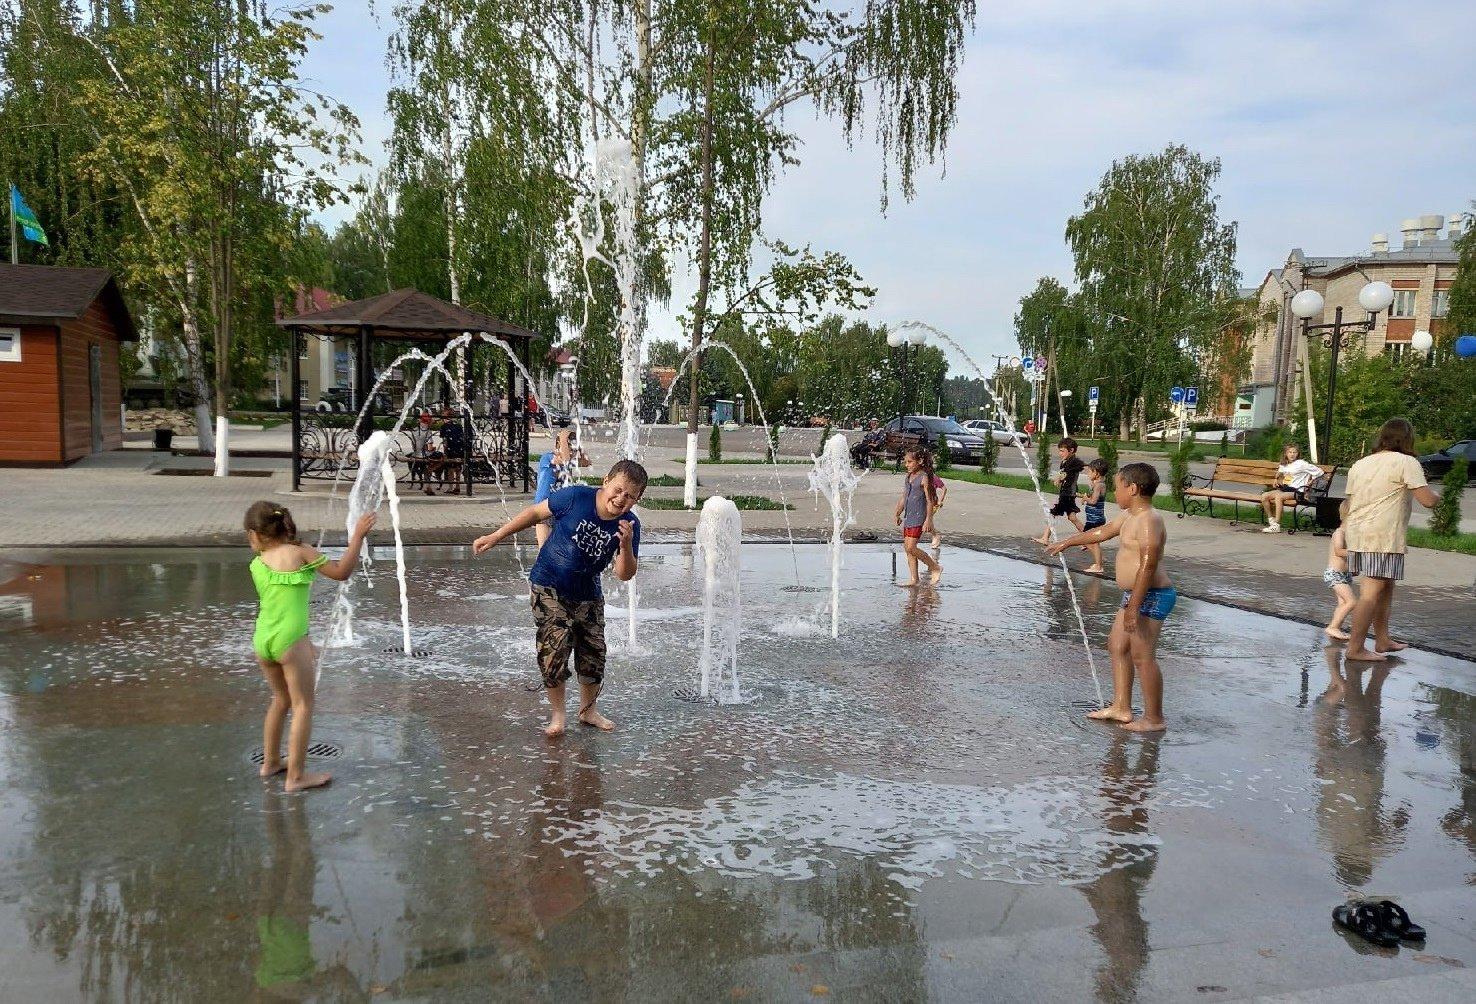 Еще один сухой фонтан в Удмуртии, возвращение Юлии Каримовой с Олимпиады и угроза торнадо в Поволжье: что произошло минувшей ночью